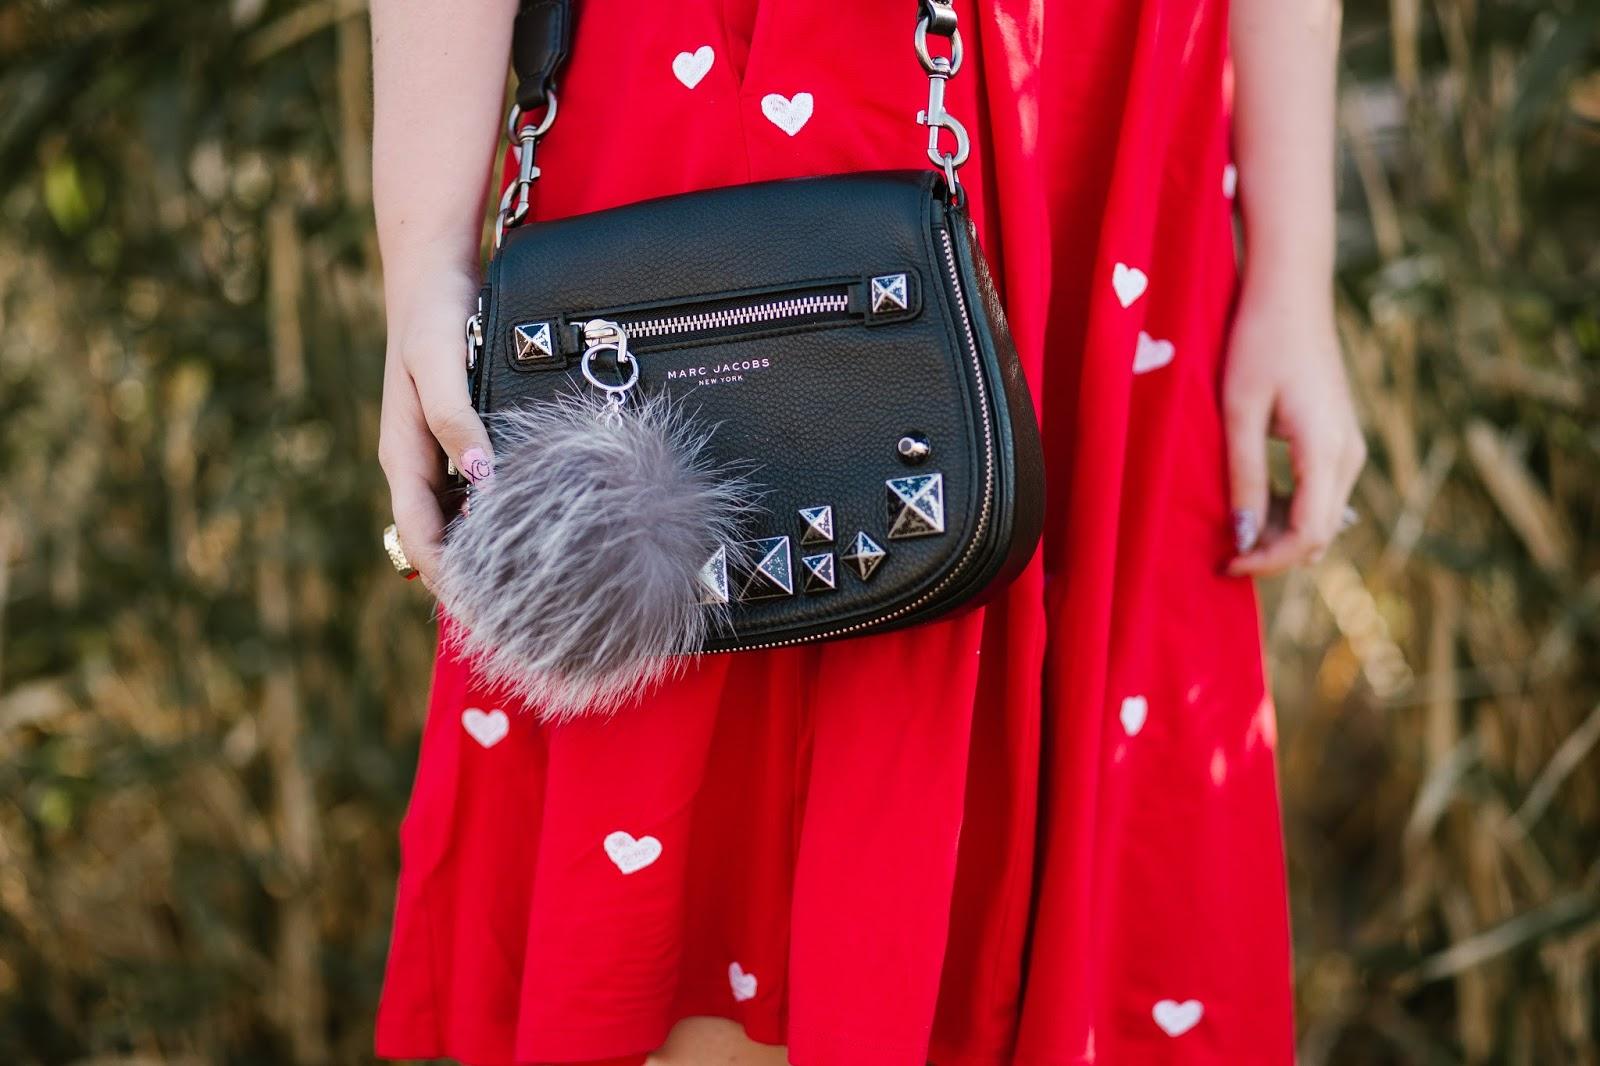 Marc Jacobs, Marc Jacobs Bag, Designer Bag